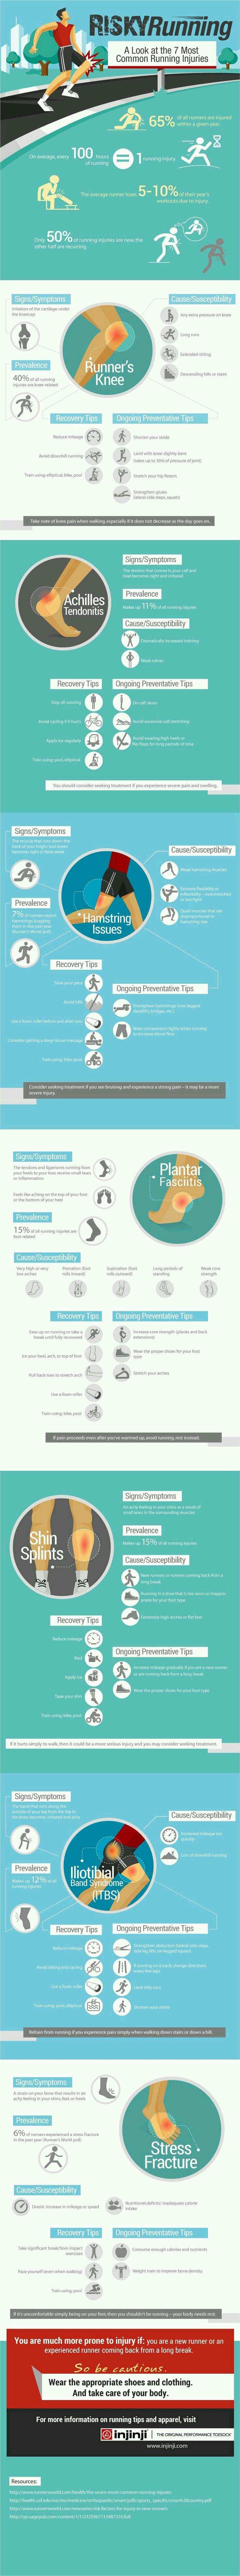 Risks for runners